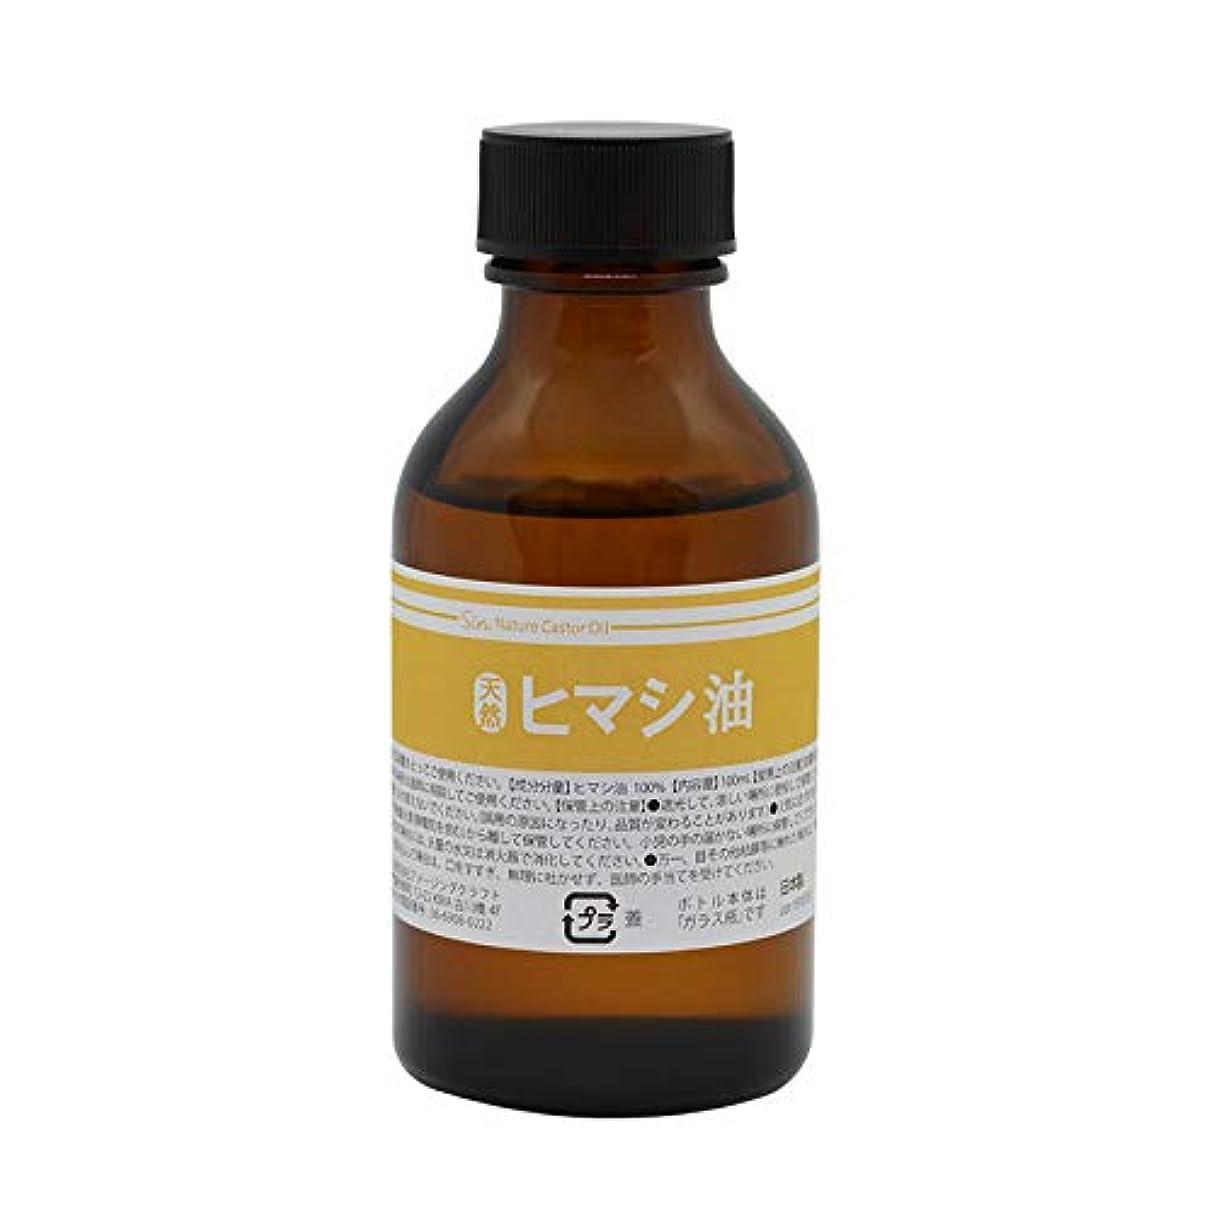 着陸綺麗な方法天然無添加 国内精製ひまし油 (キャスターオイル) 100ml